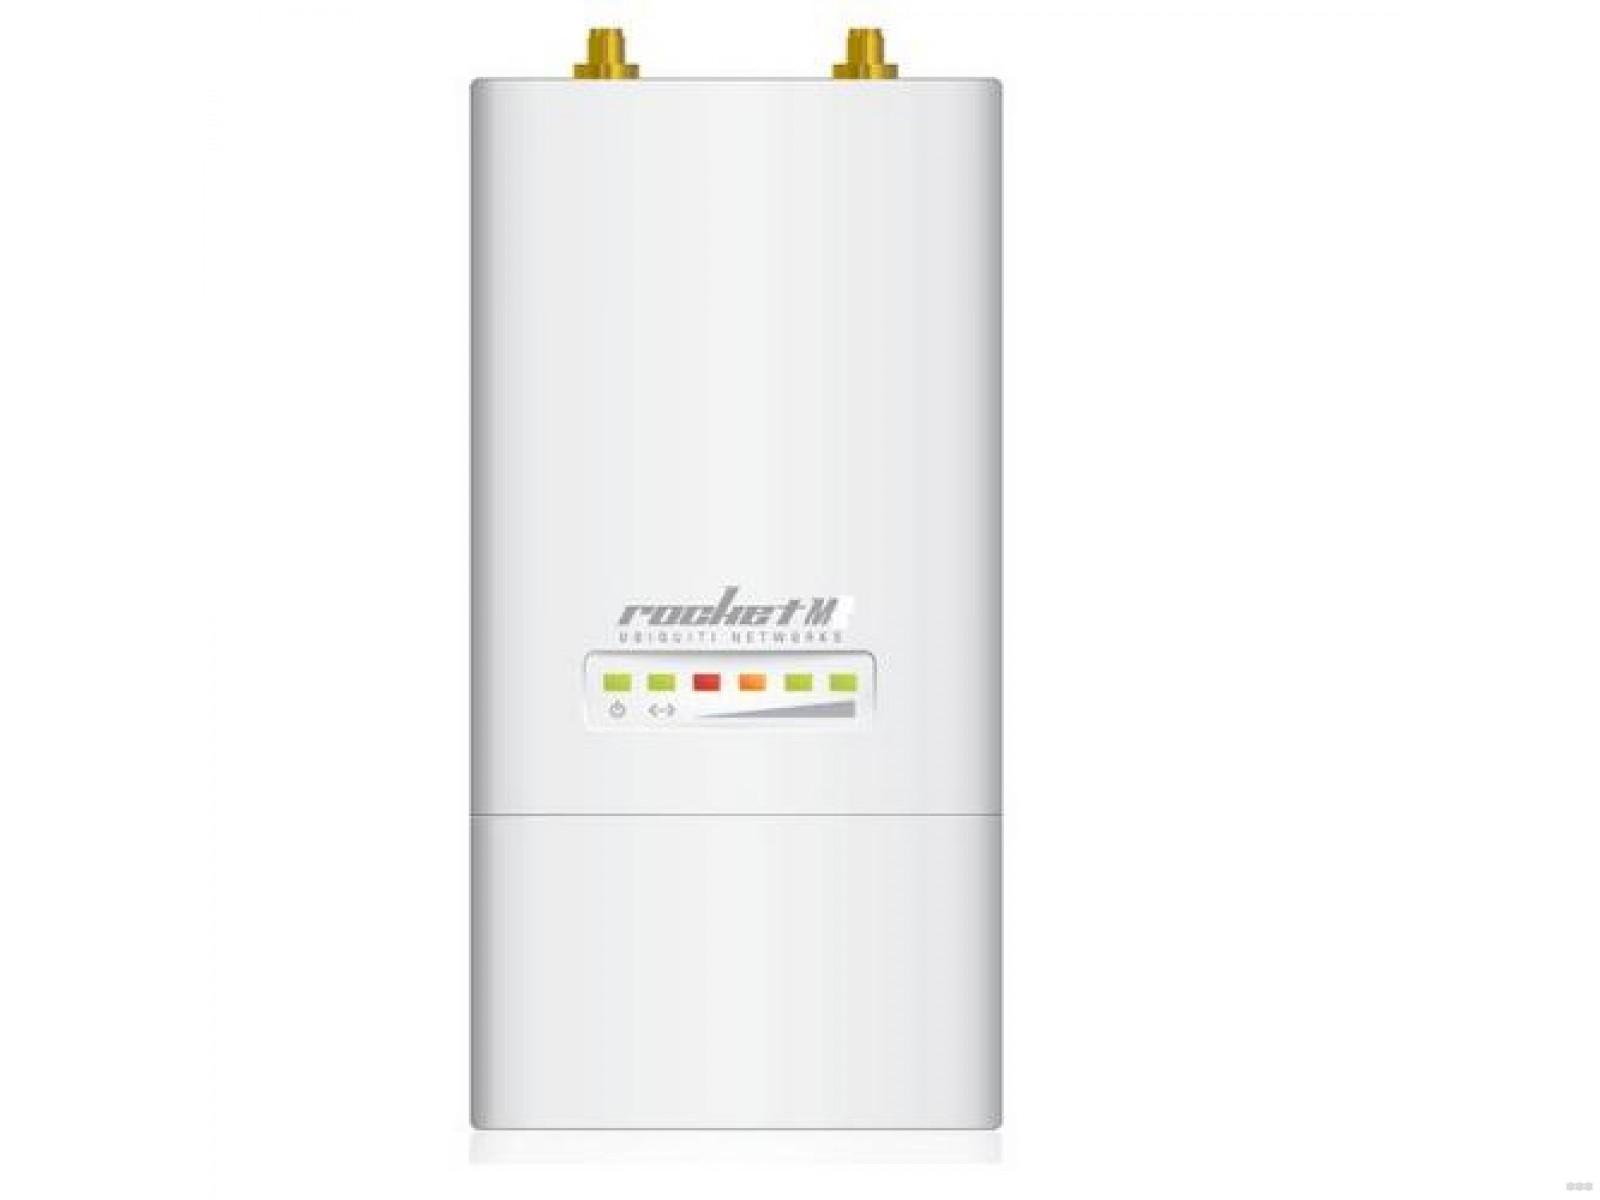 Уличный Wi-Fi роутер: 5 самых популярных моделей от WiFiGid